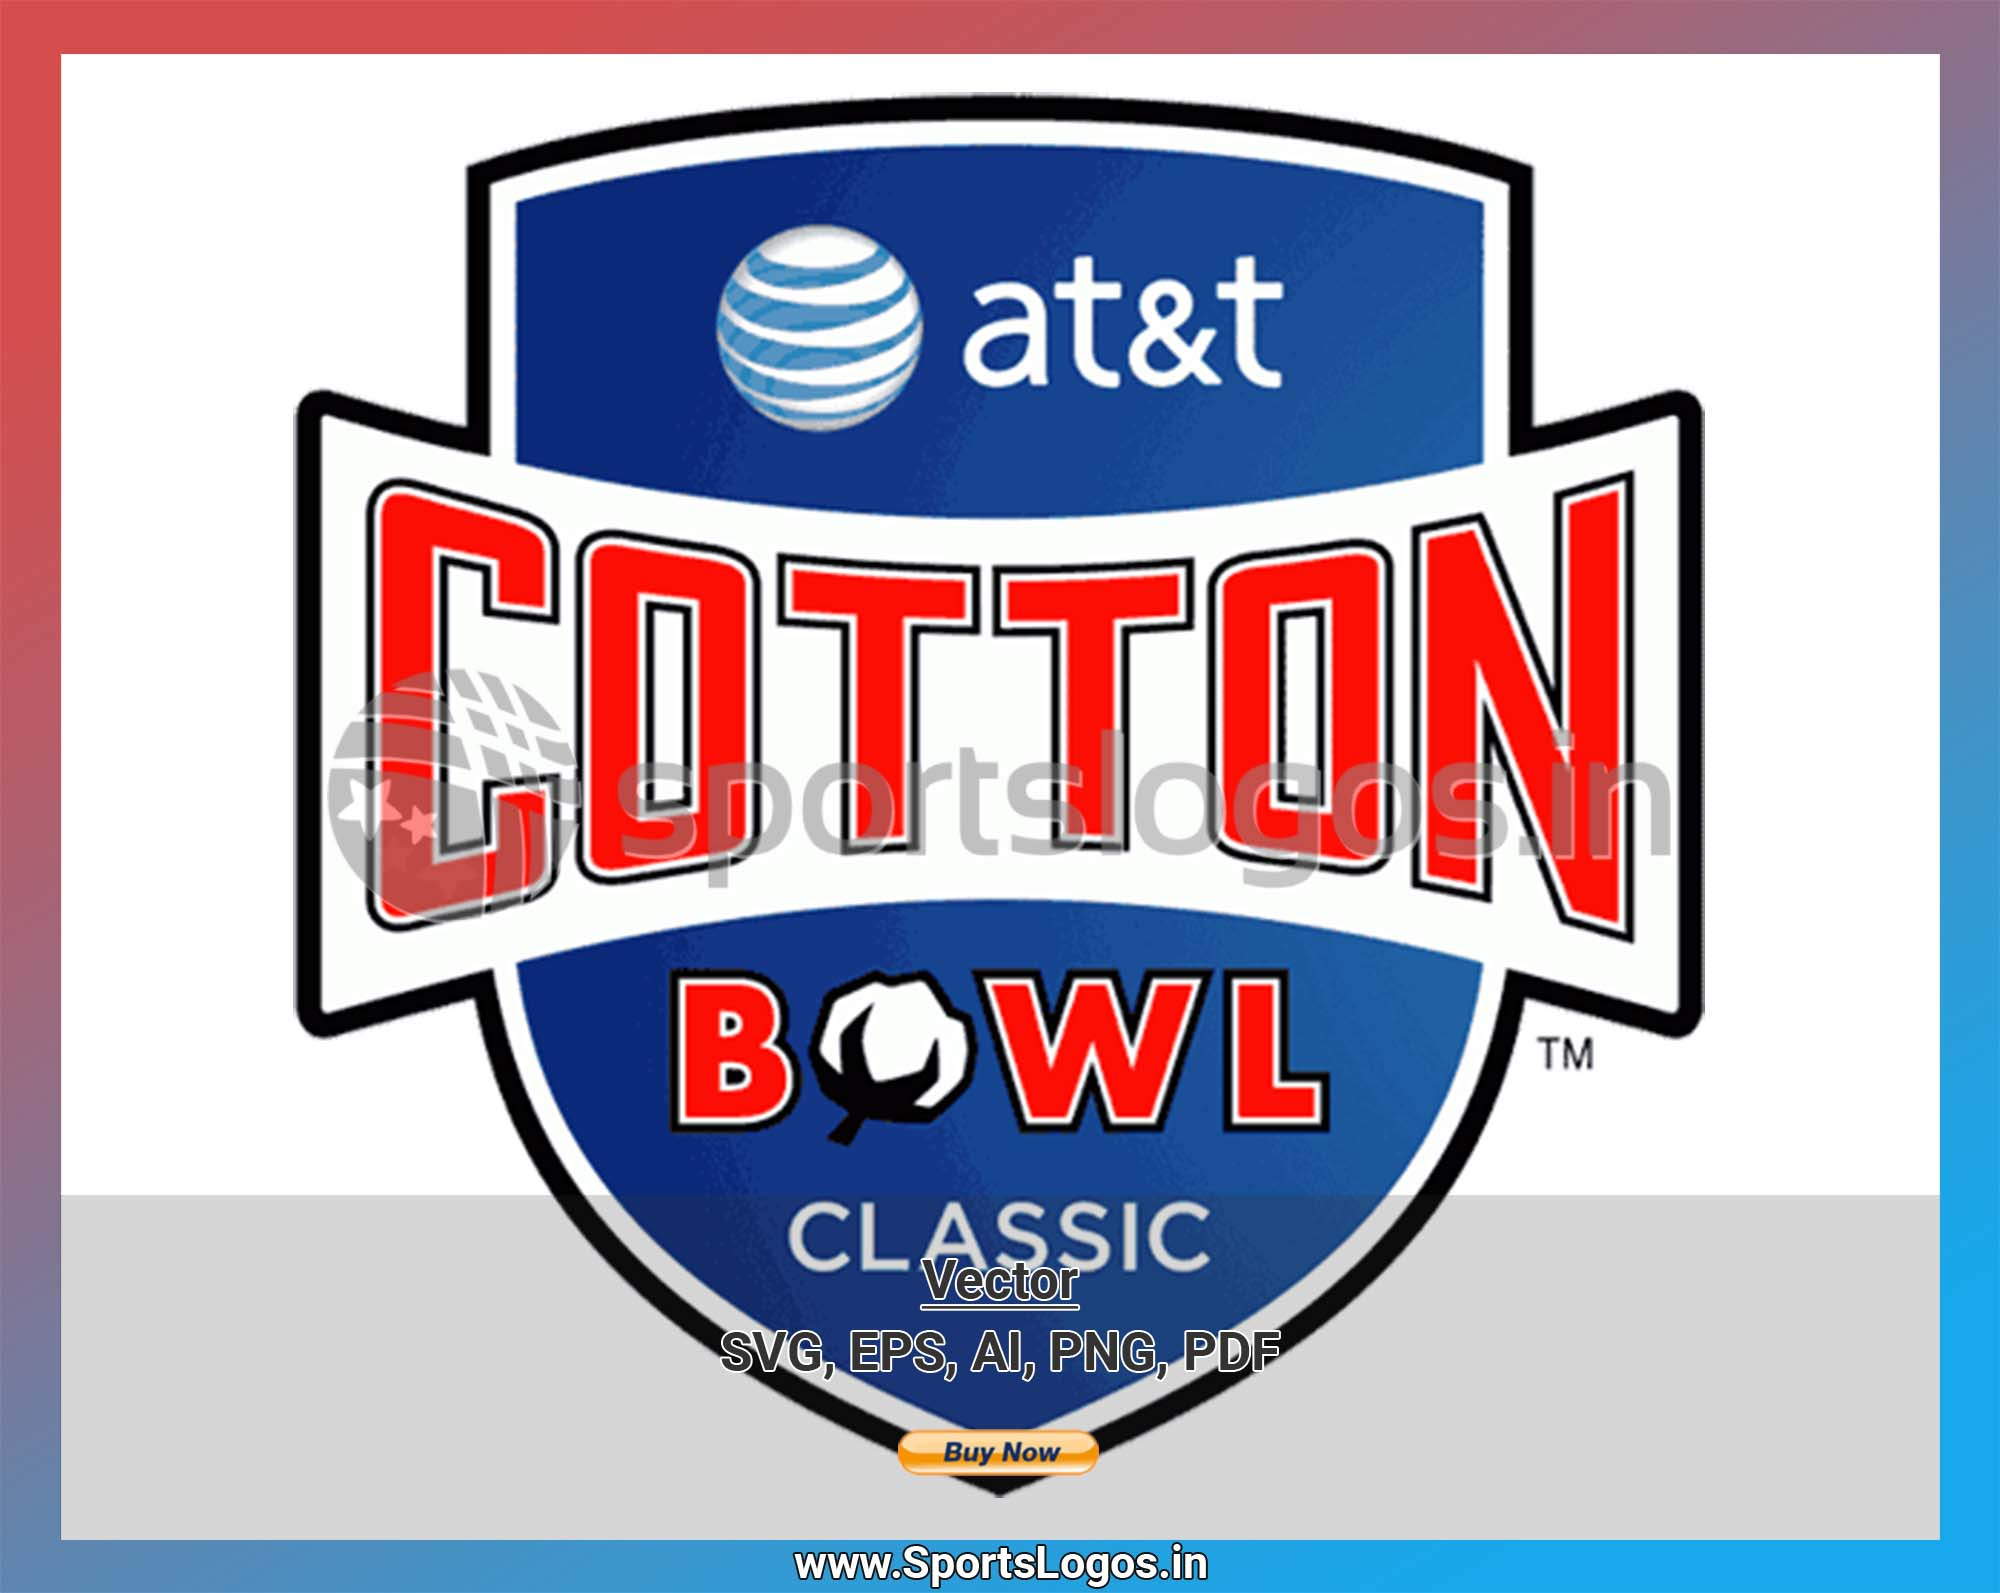 Cotton Bowl Classic.